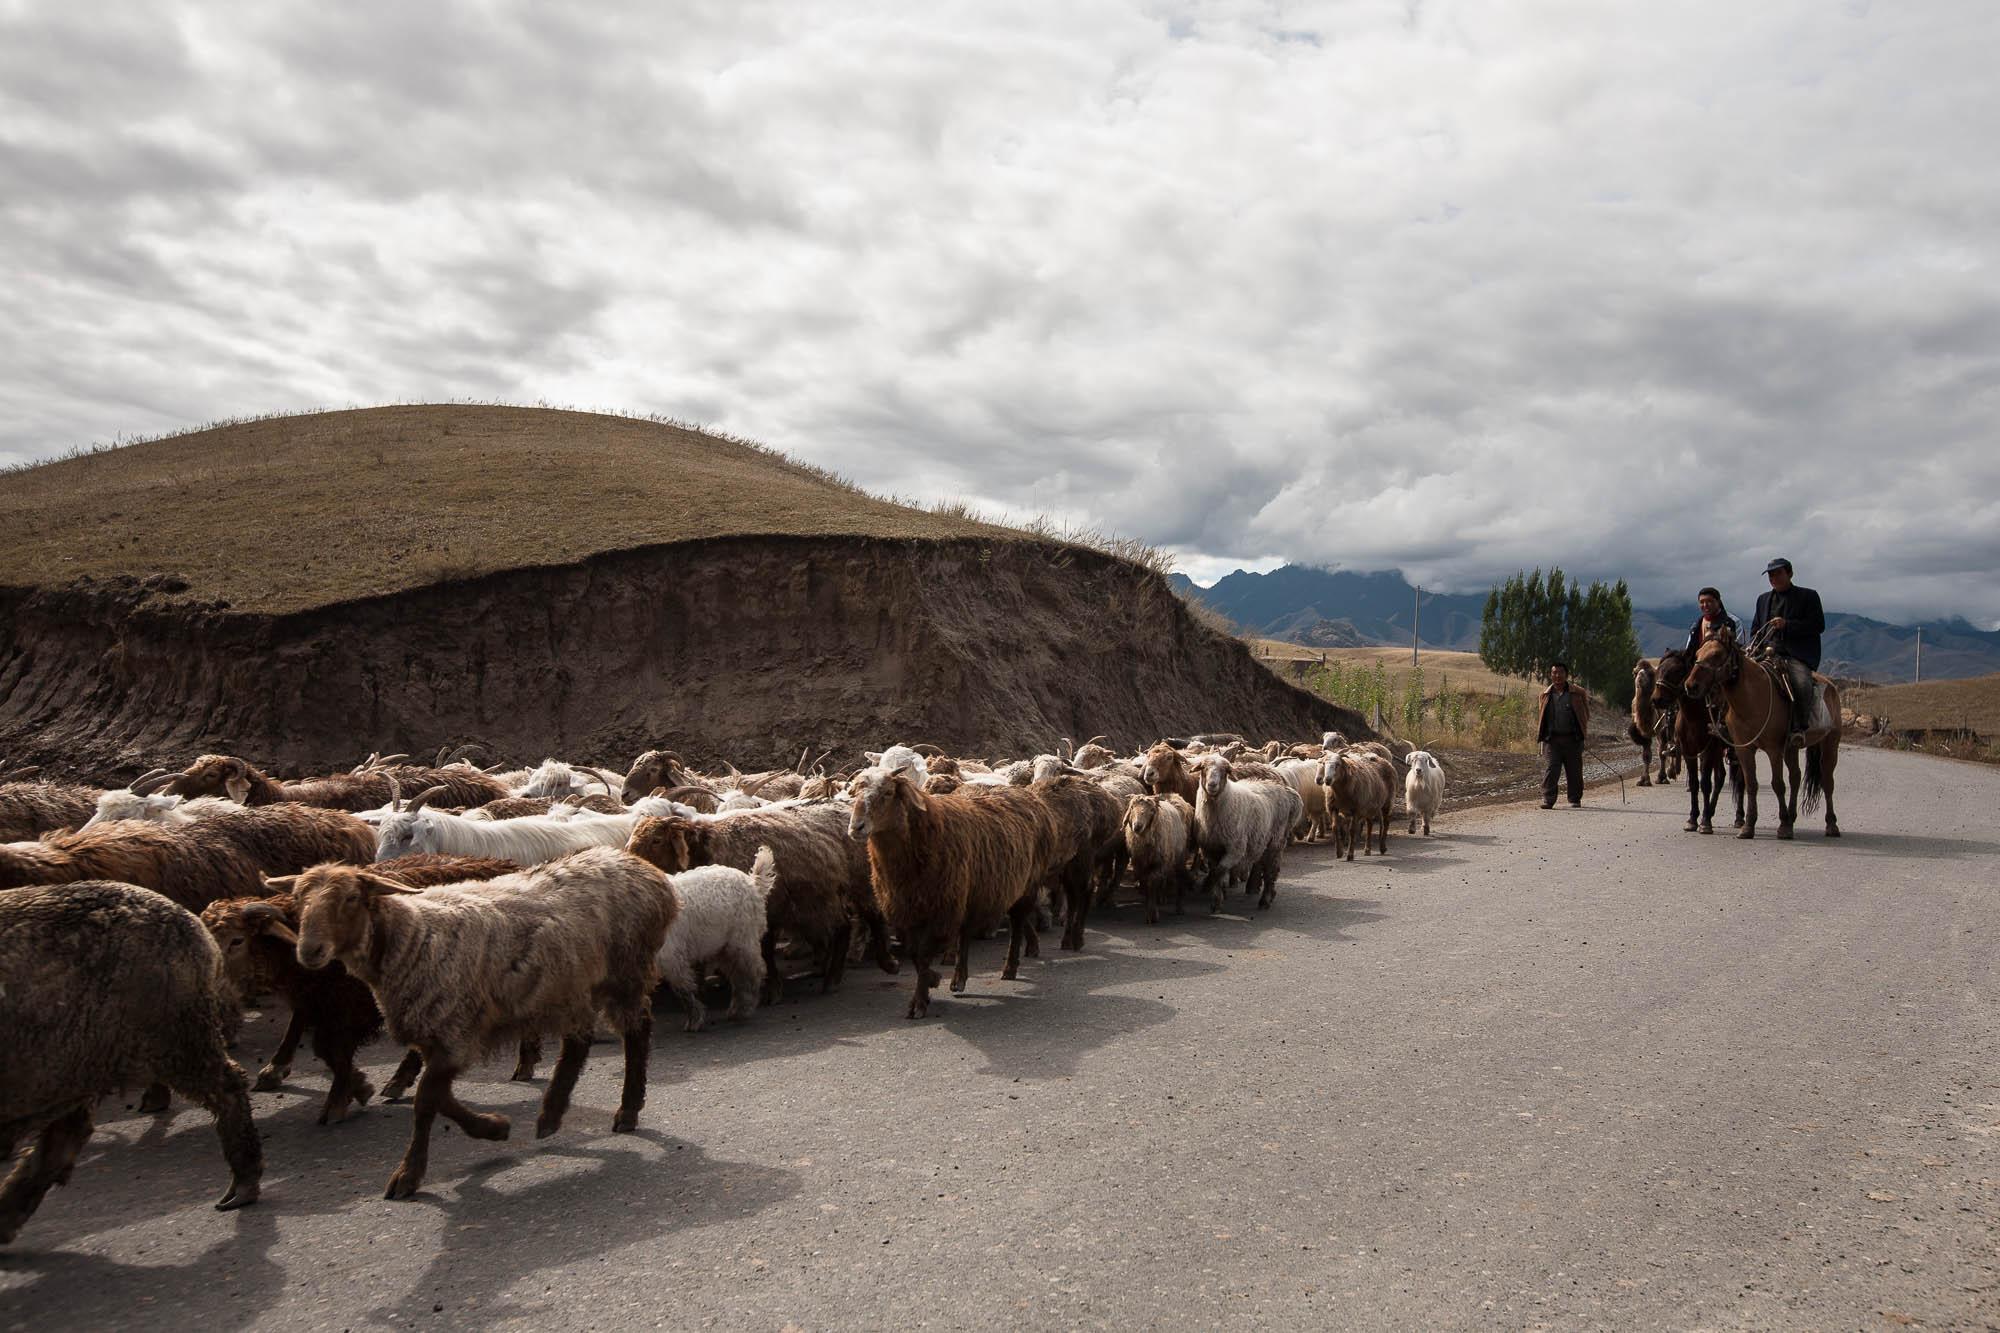 sheep herders